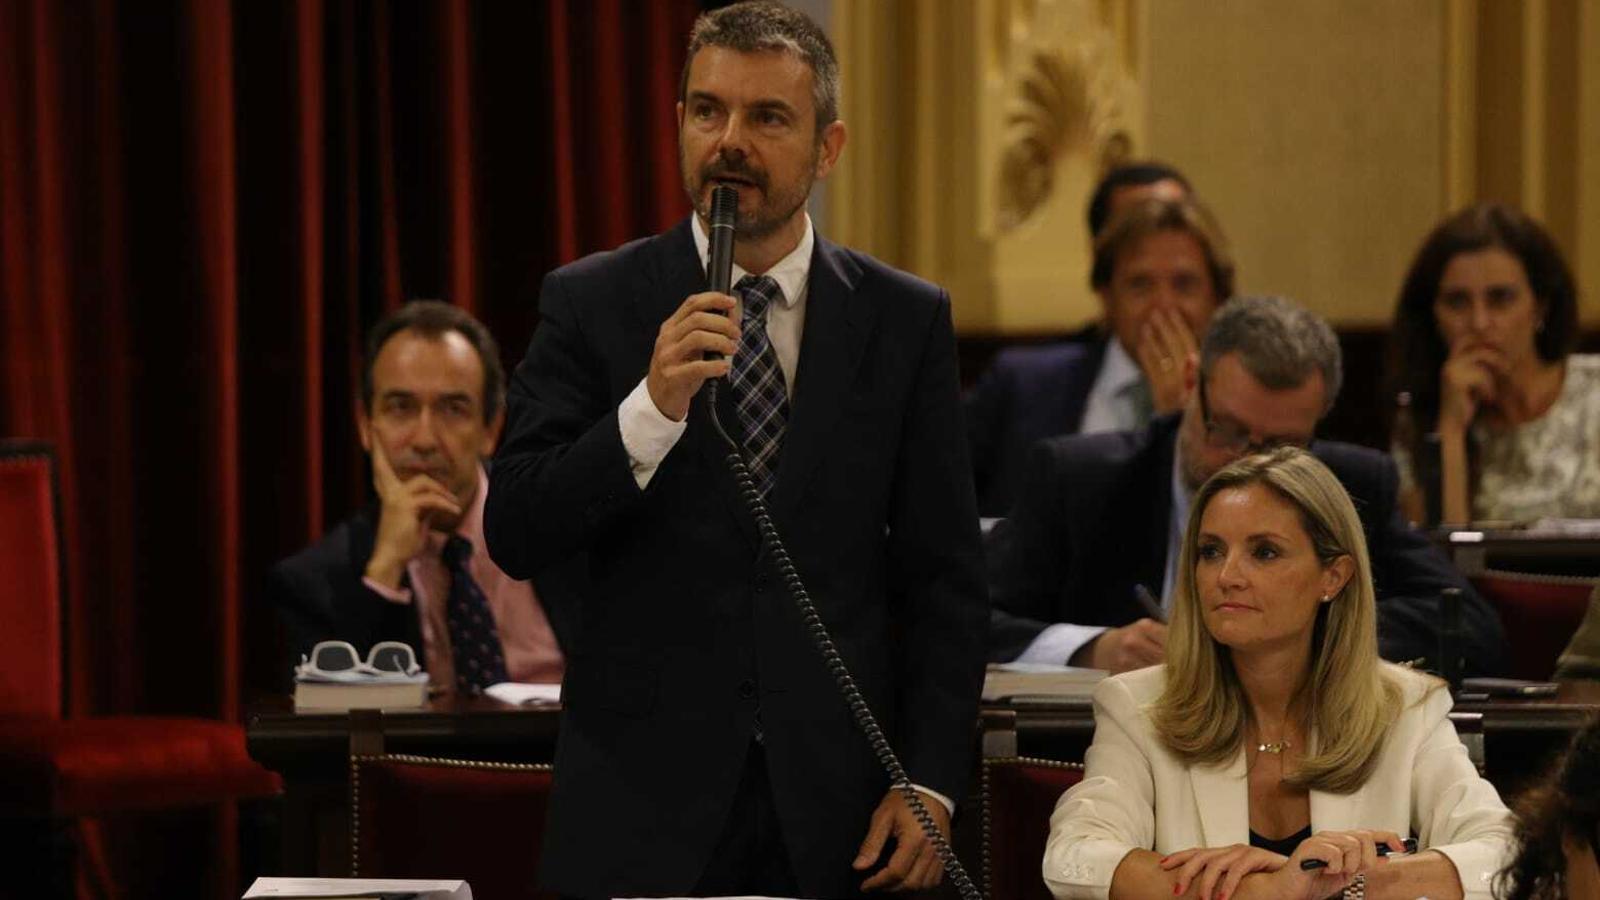 Els diputats de Cs, Marc Pérez-Ribas i Patricia Guasp, en el Parlament balear